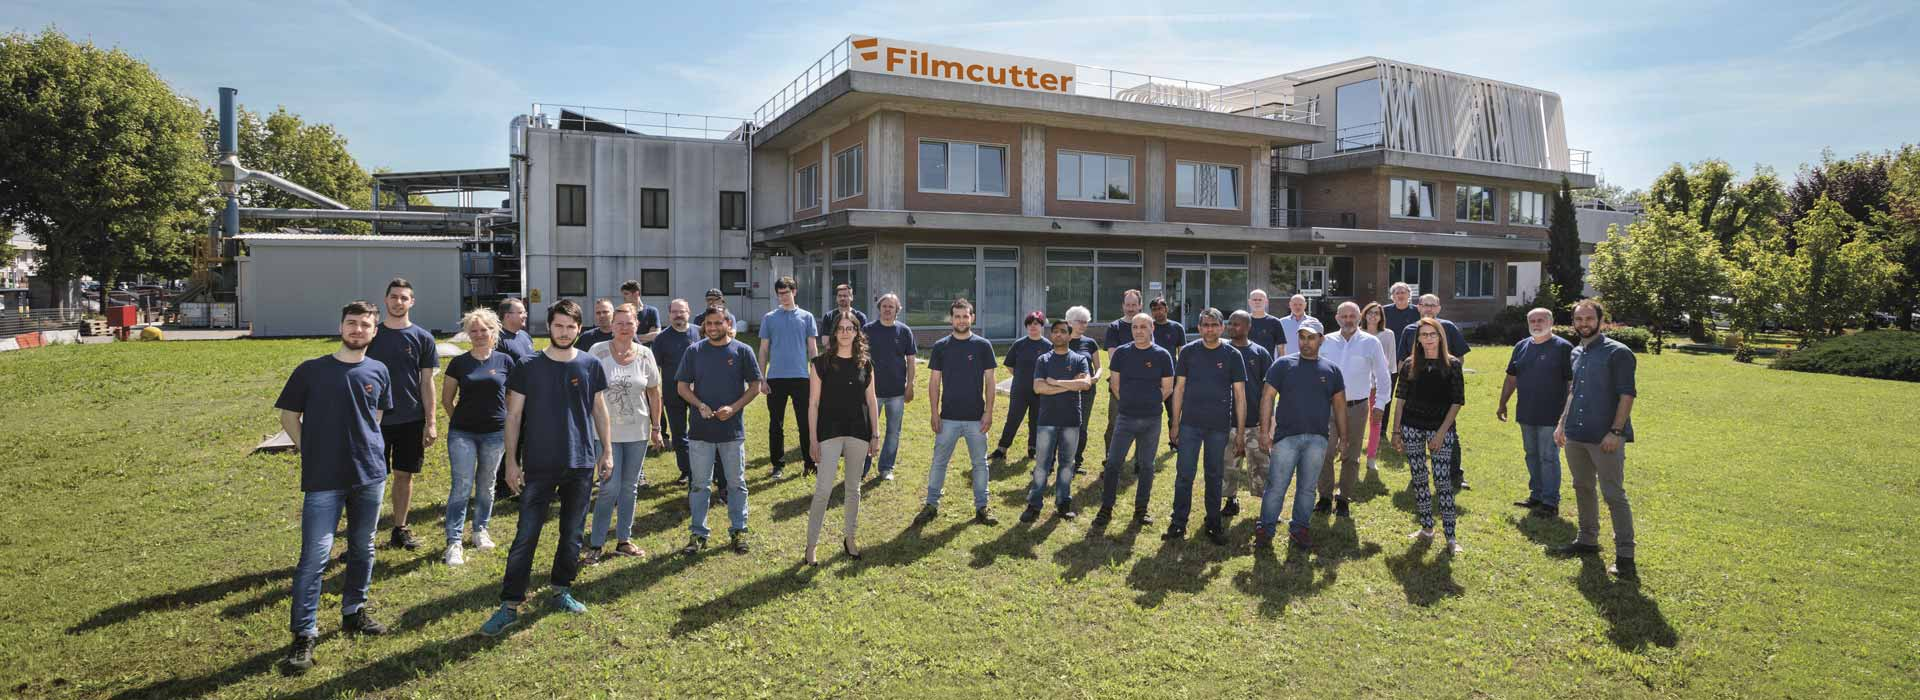 Filmcutter azienda profilo